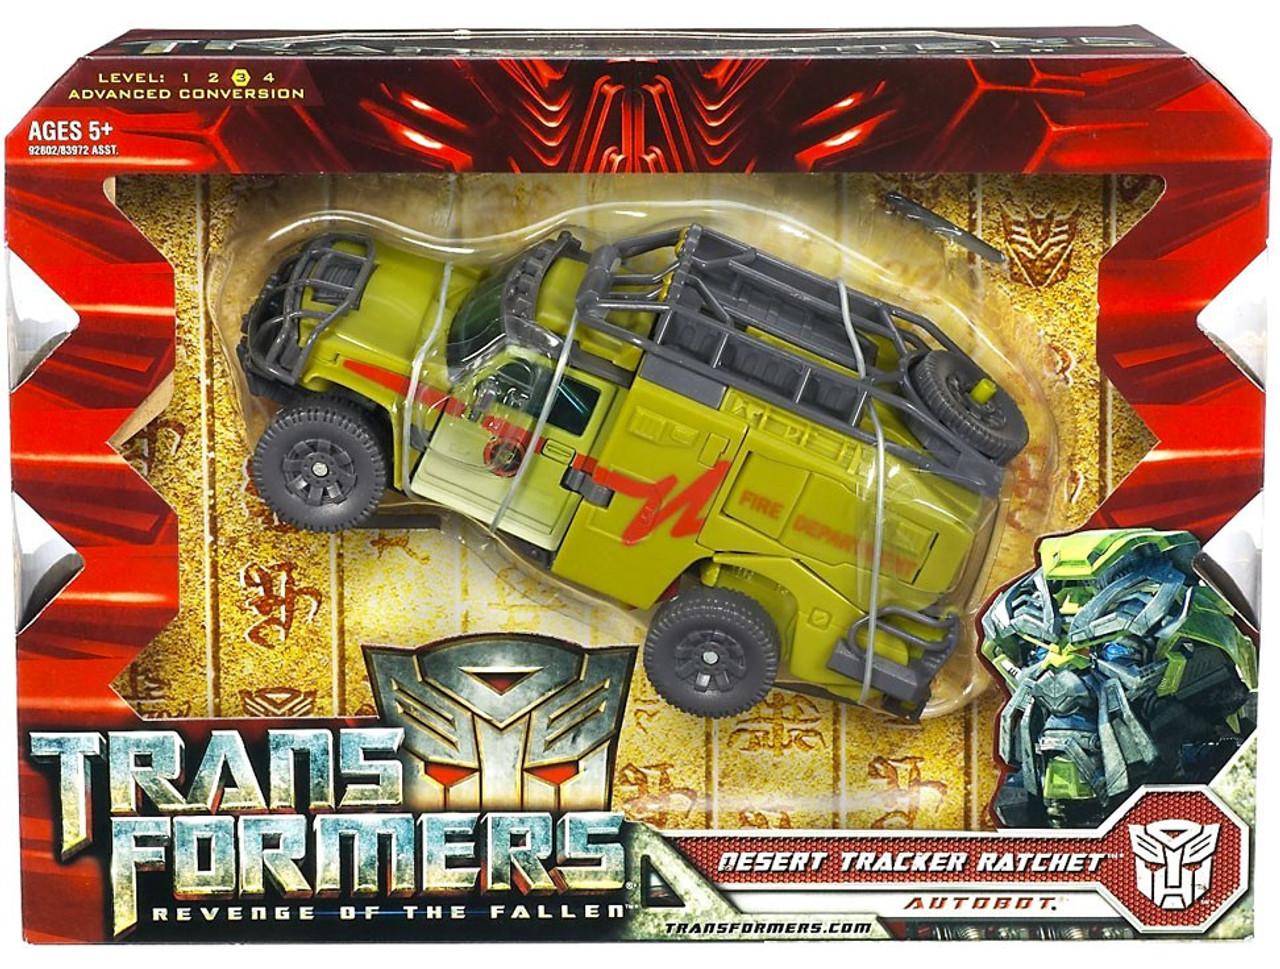 Transformers Revenge of the Fallen Desert Tracker Ratchet Voyager Action Figure